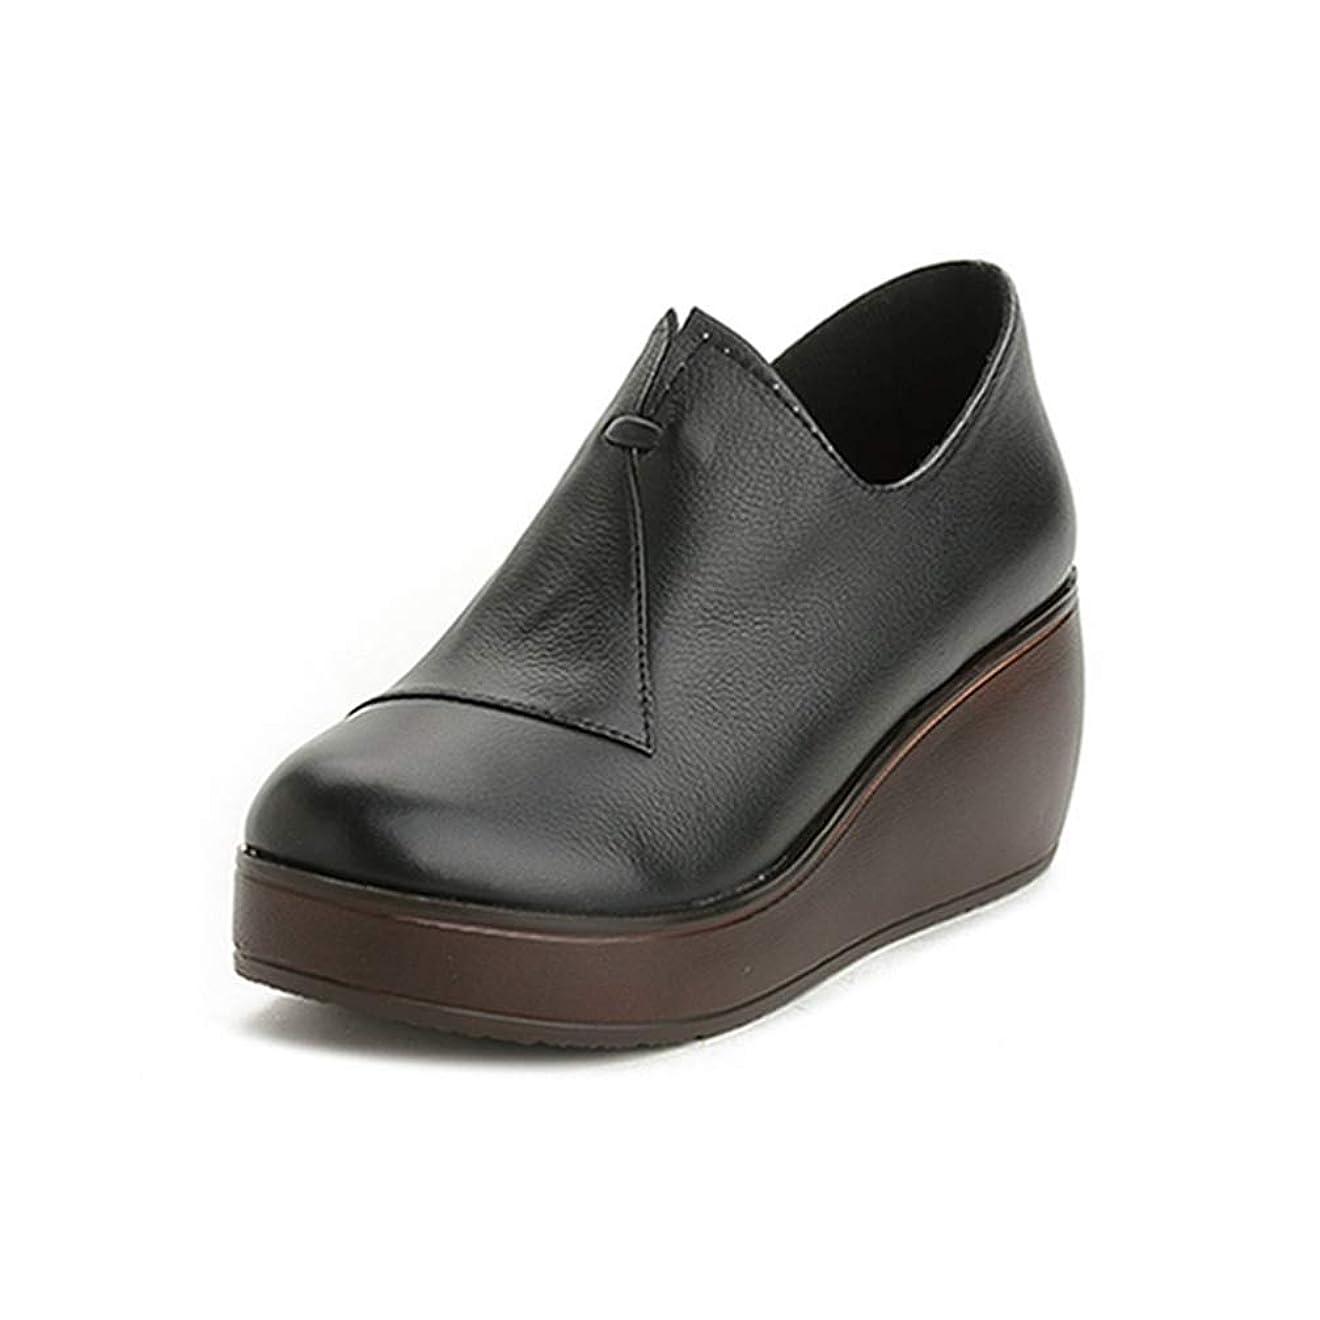 落胆する貴重なカタログ厚底 ウェッジソール パンプス ウォーキングシューズ 靴 レディース 本革 カジュアル コンフォート ローファー 7cmヒール 婦人靴 柔らかい ラウンドトゥ 低反発 疲れない カジュアル 通勤 黒 ブラック